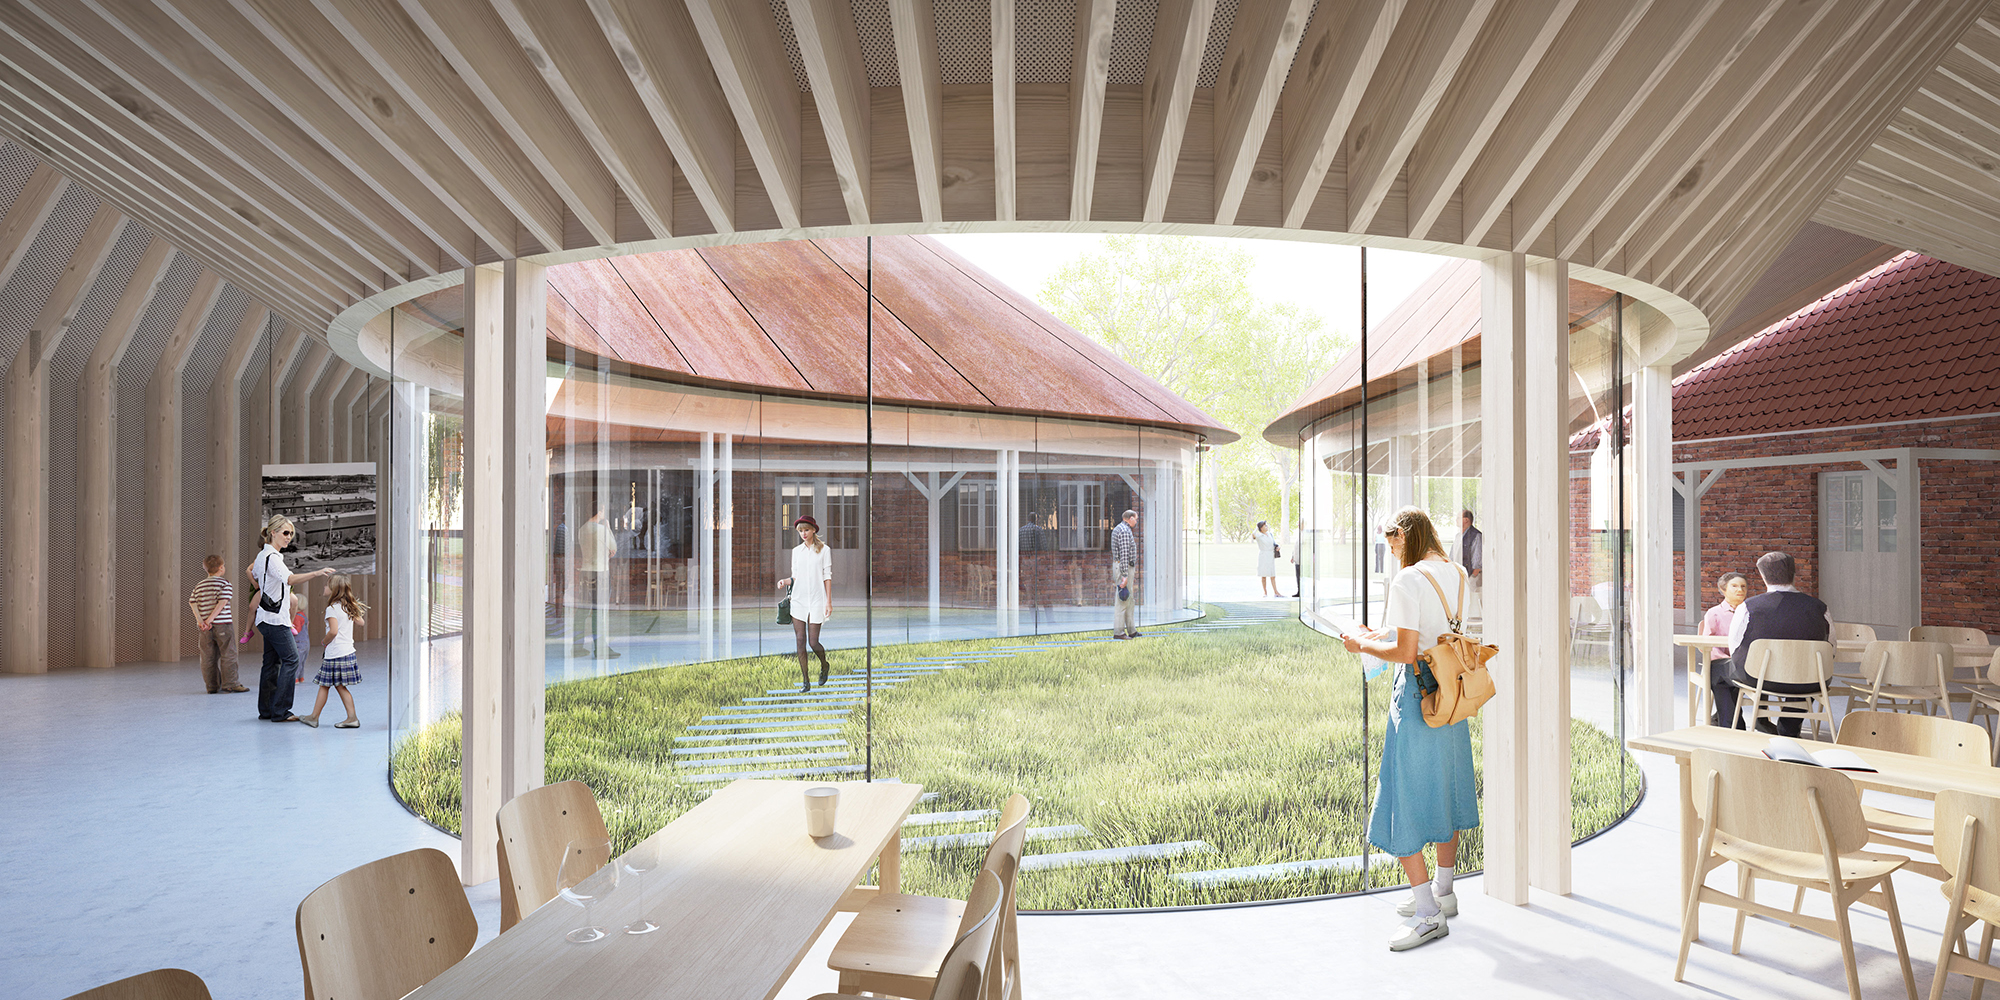 Det nye flygtningemuseum set indefra. BIG rendering